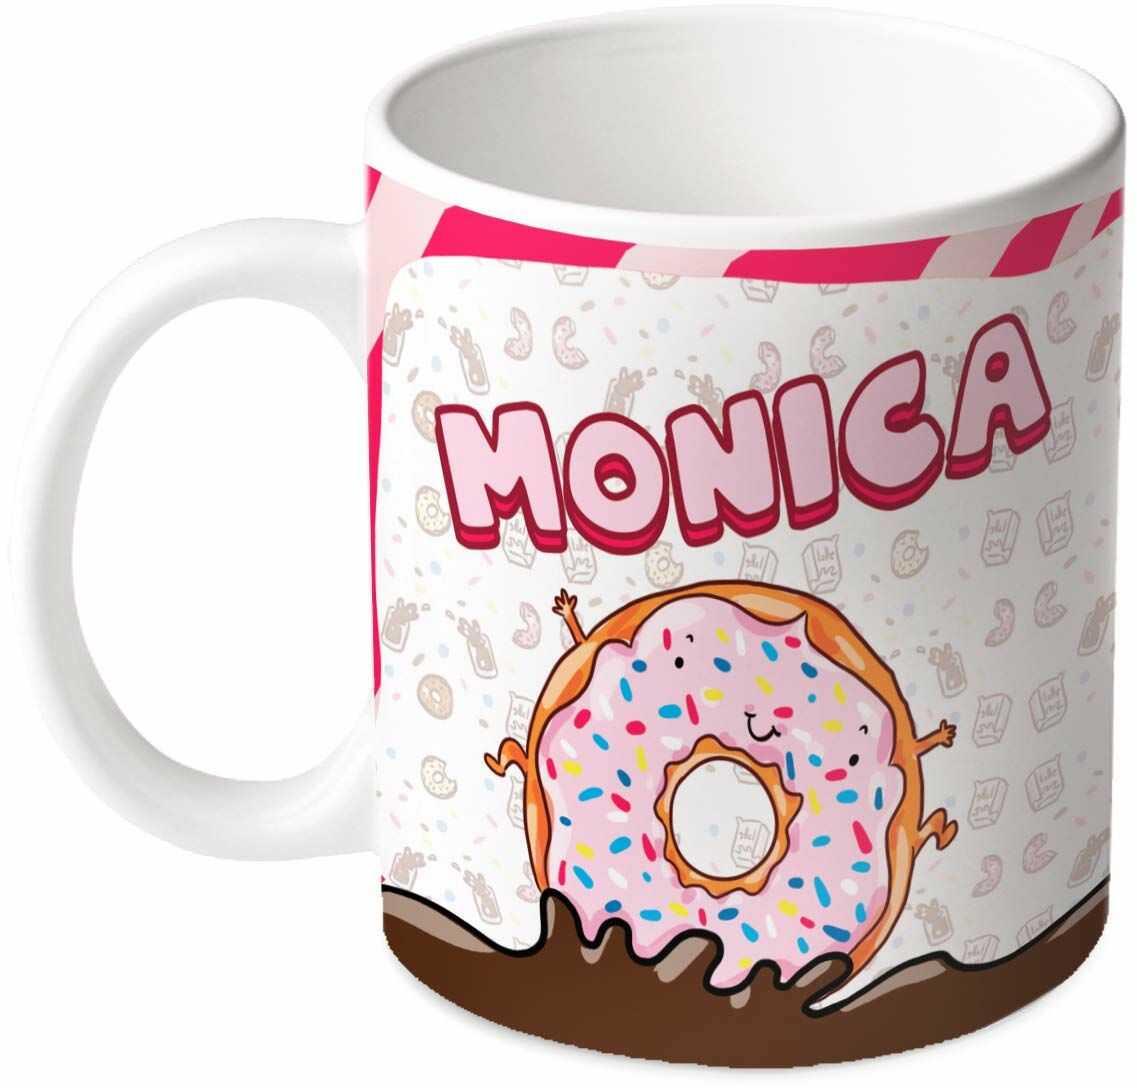 M.M. Group Filiżanka z imieniem i znaczeniem Monica, 30 ml, ceramika, wielokolorowa